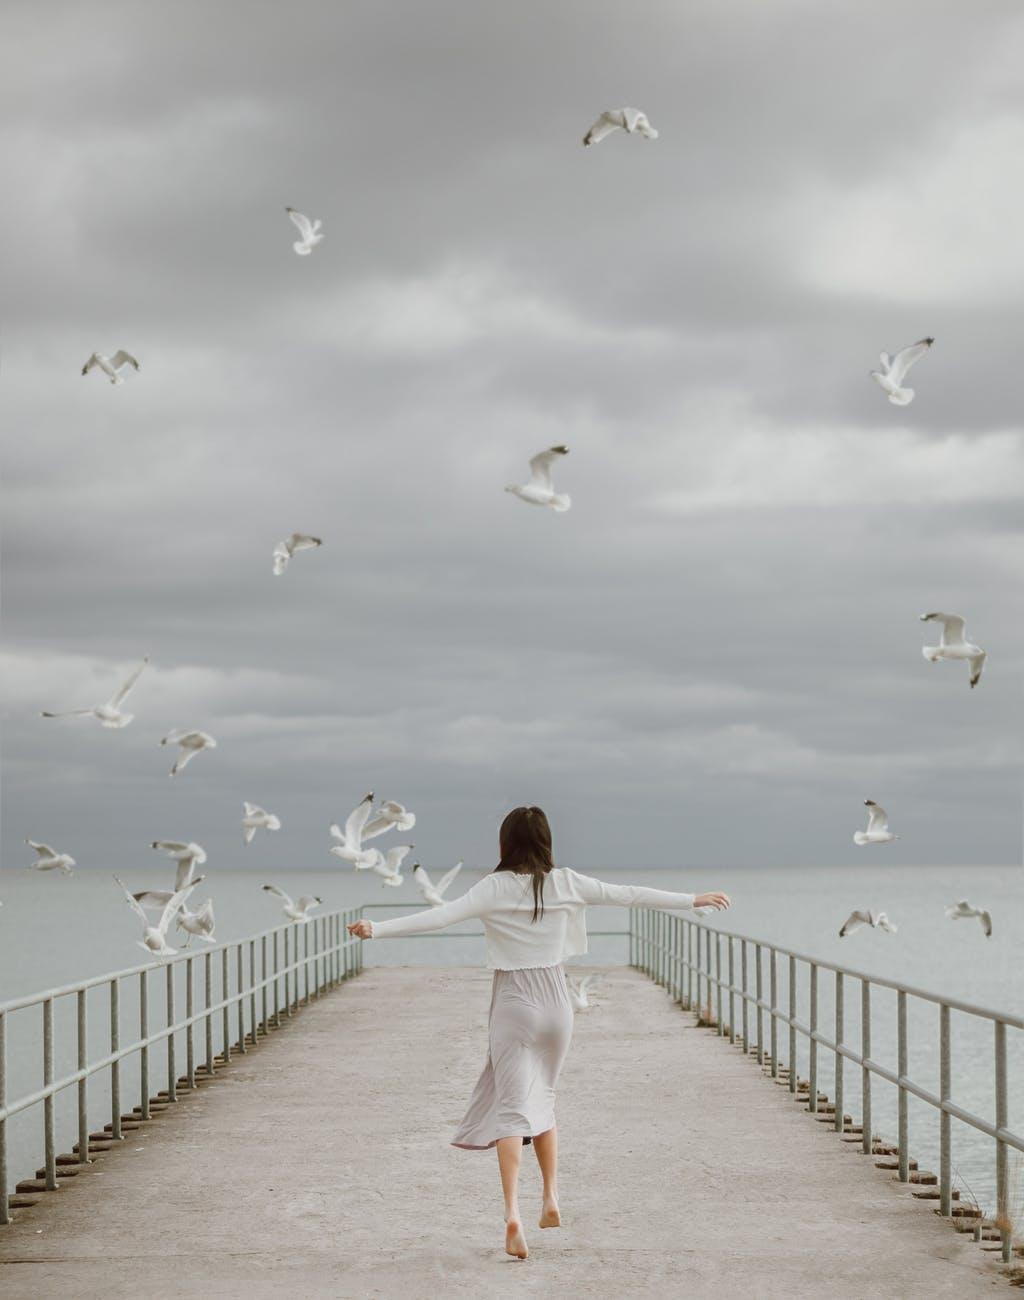 faceless barefoot female traveler on embankment against sea